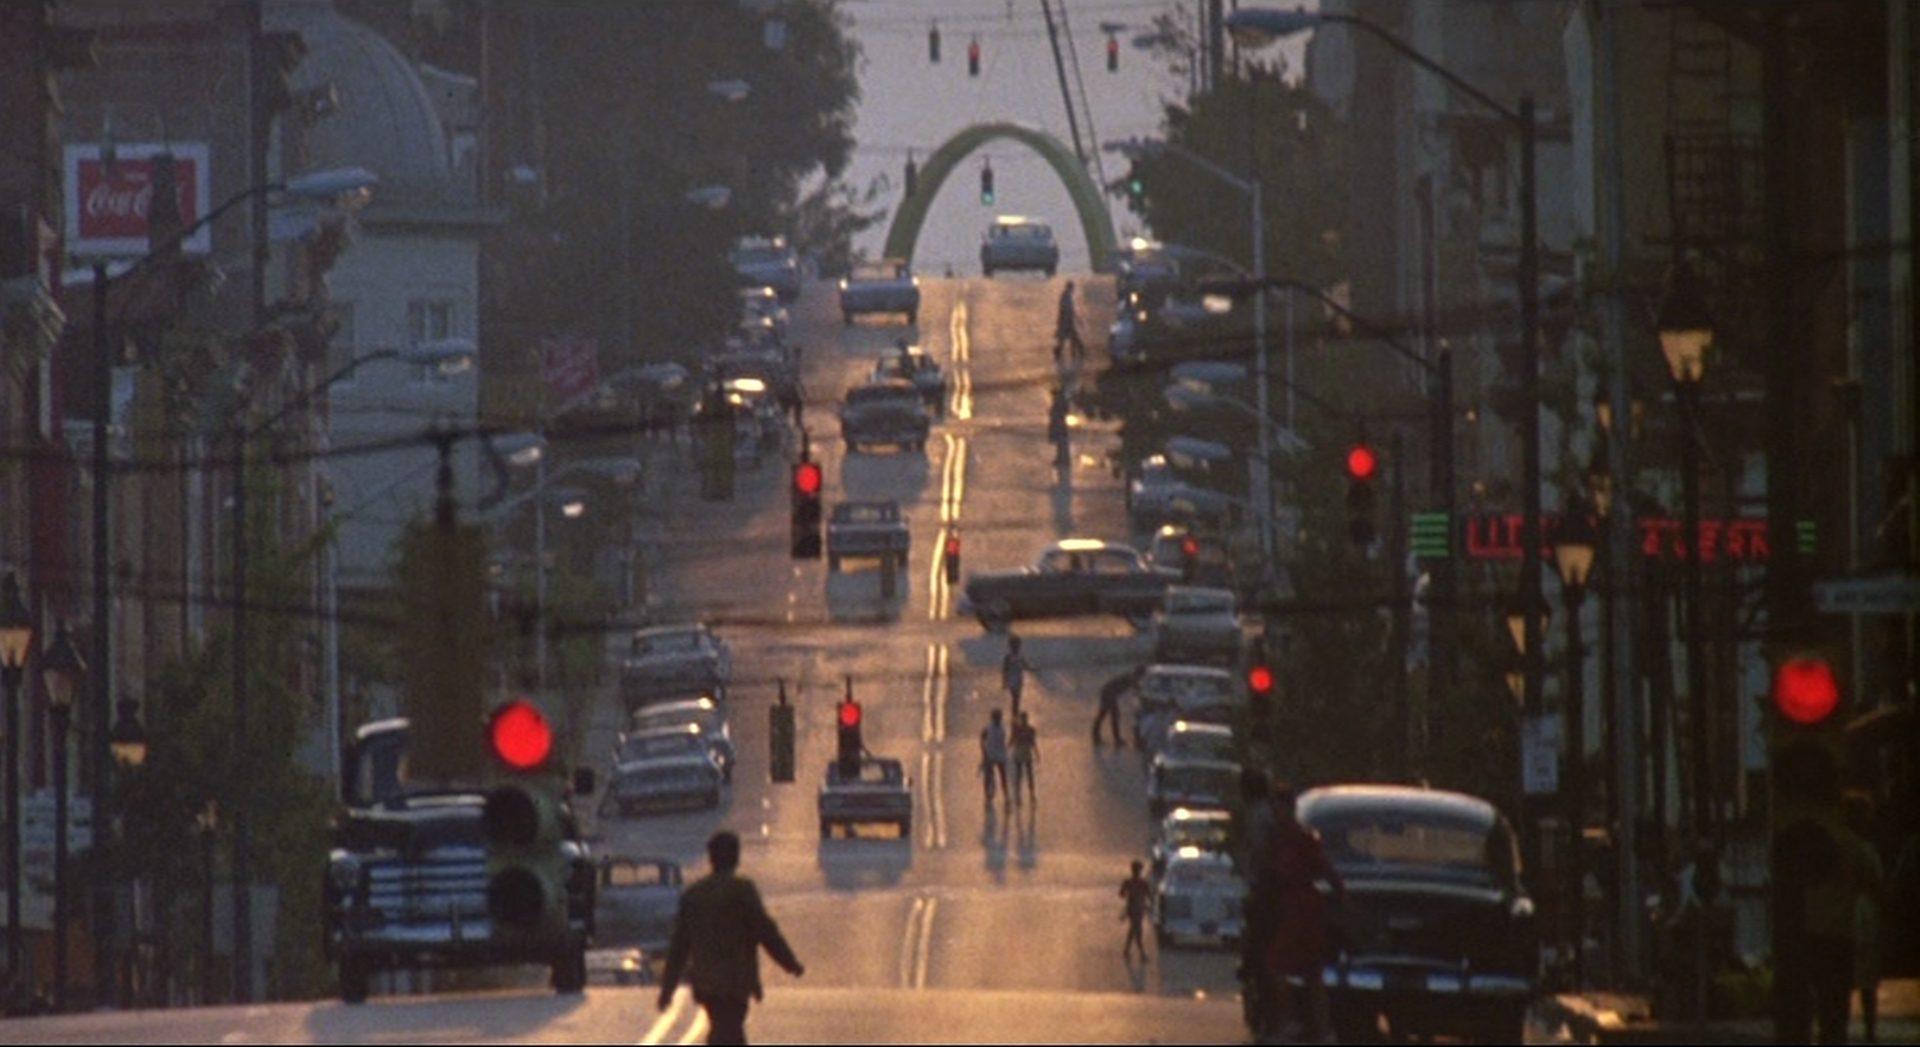 Blick eine innerstädtische Straße hinauf in dämmrigem Licht.